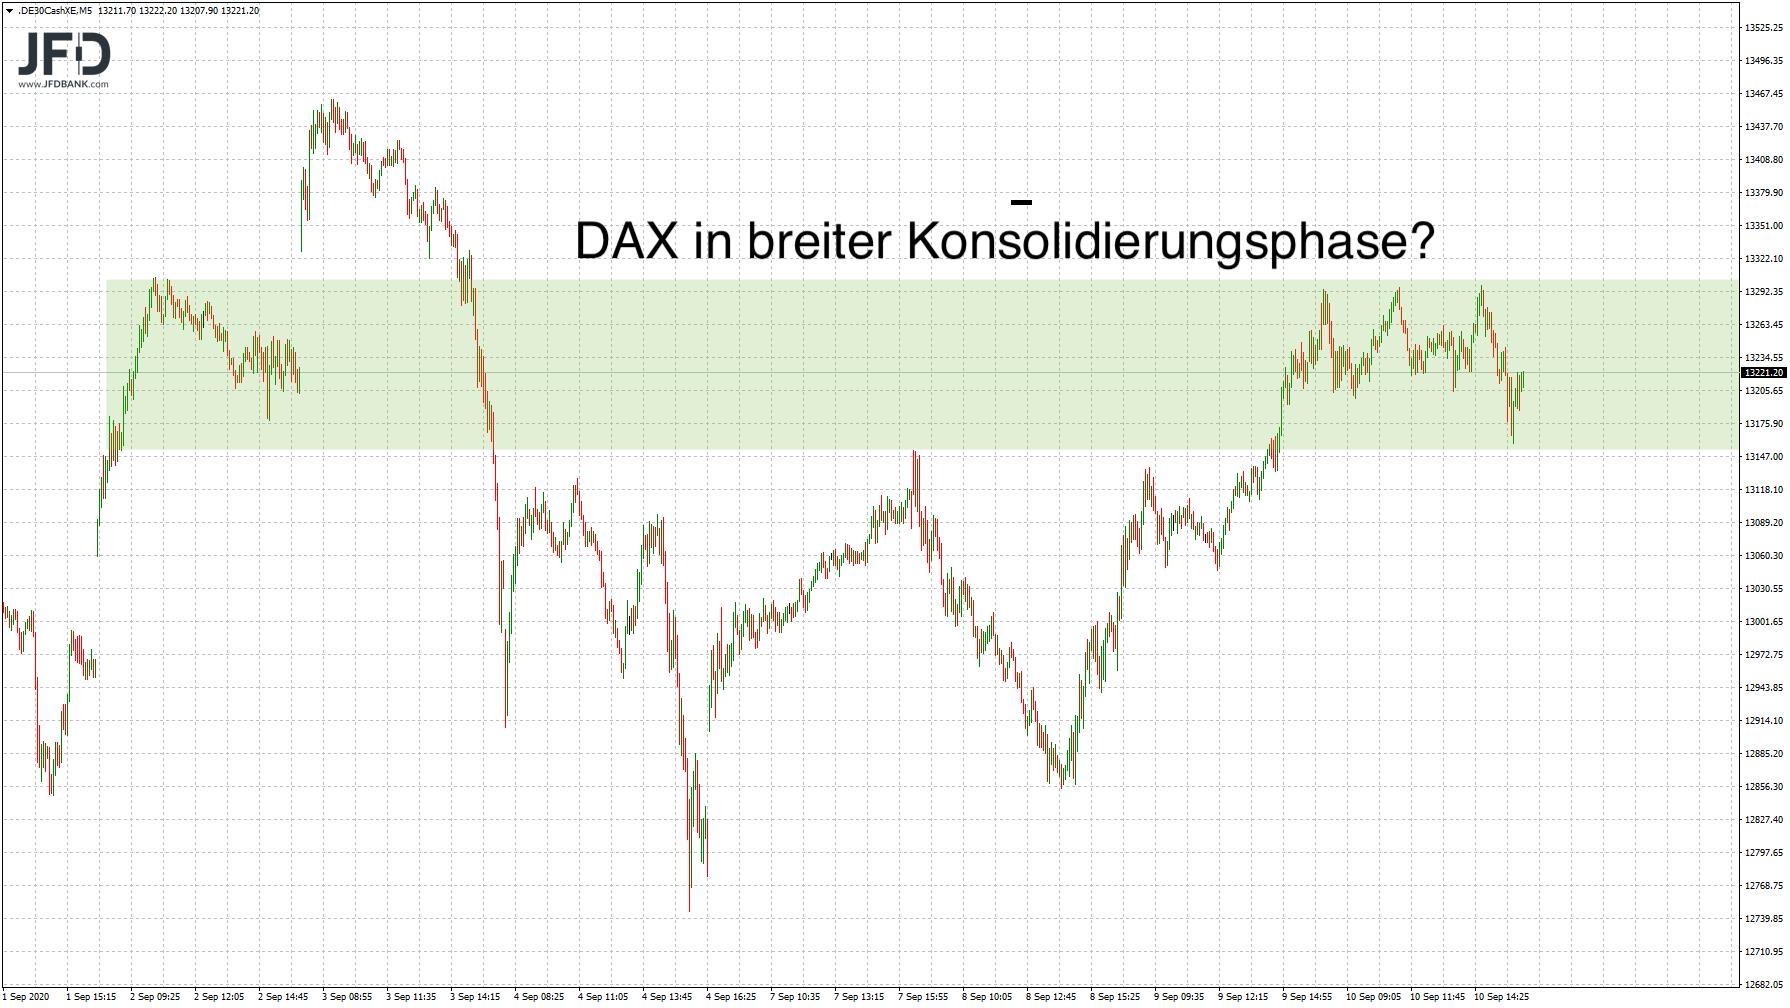 Keine-starke-Vola-am-EZB-Tag-Kommentar-JFD-Bank-GodmodeTrader.de-3